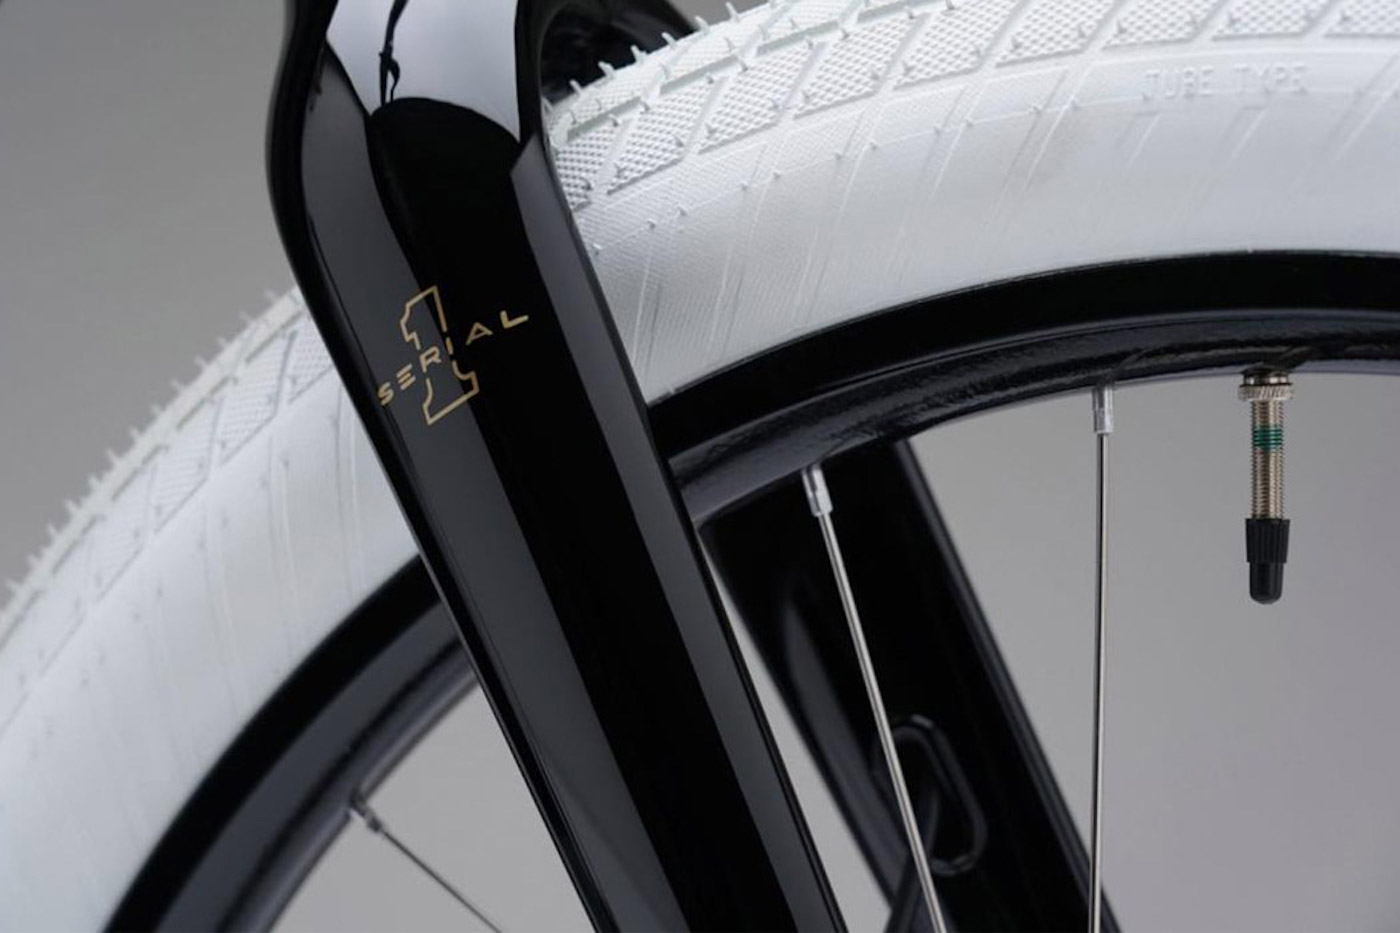 Harley-Davidson lance un vélo électrique dont le design rend hommage à sa première moto